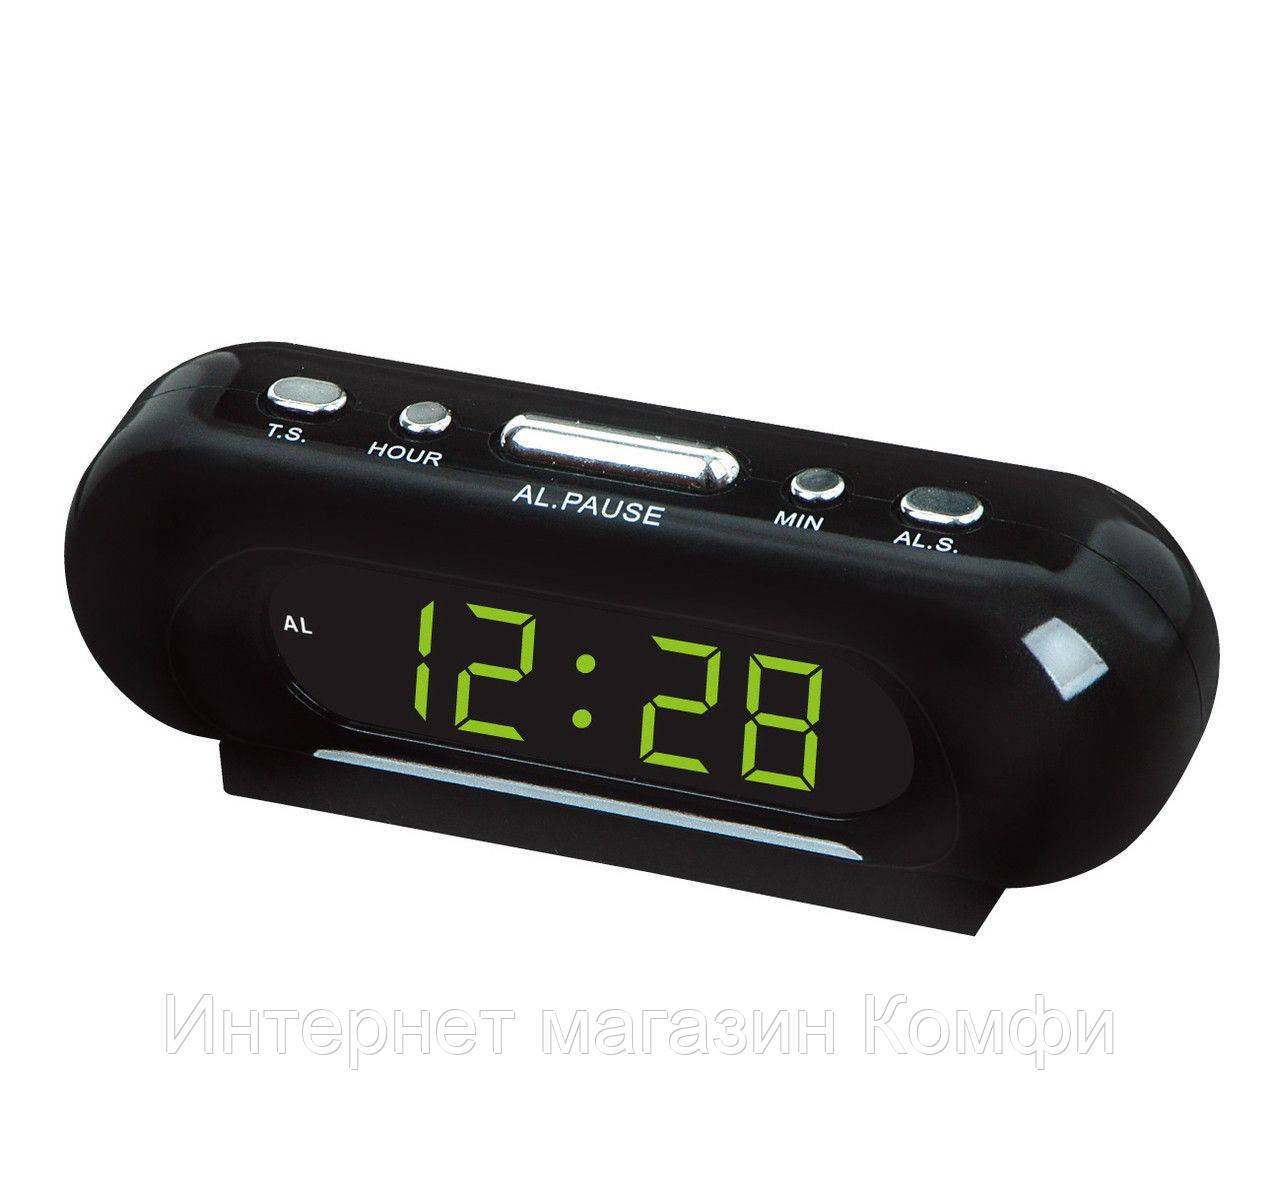 🔥✅ Настольные часы VST 716 электронные с зеленой подсветкой 170*50*50 мм отсрочка сигнала будильник